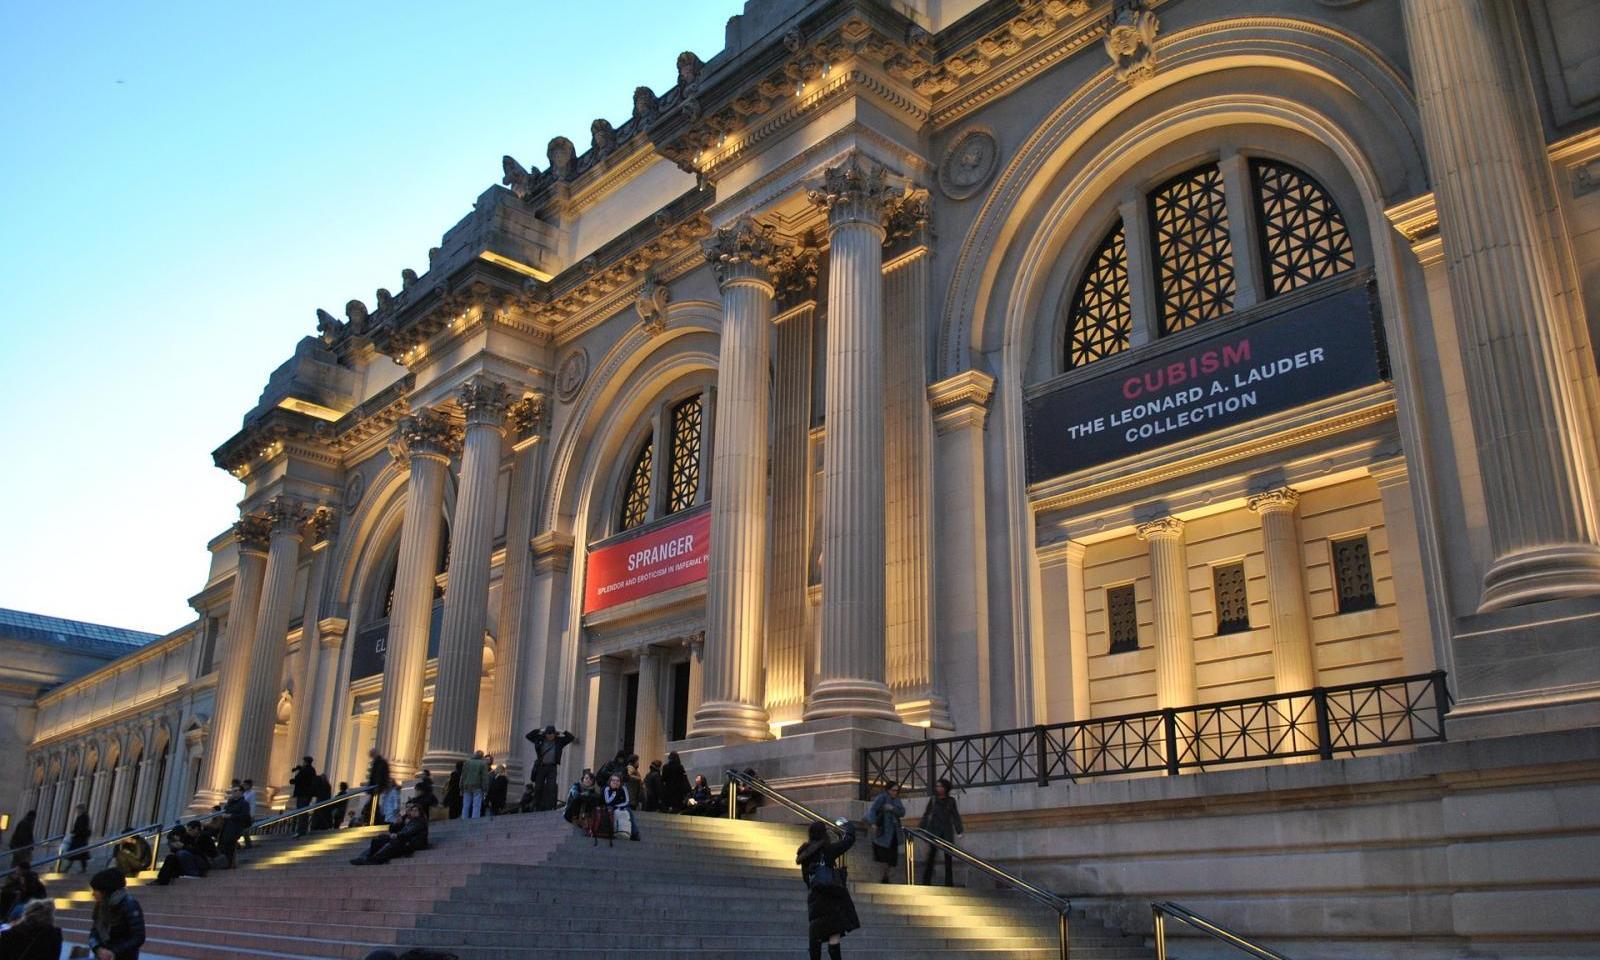 ᐅ TUDO sobre Metropolitan Museum of Art em Nova Yor - The MET - 2020